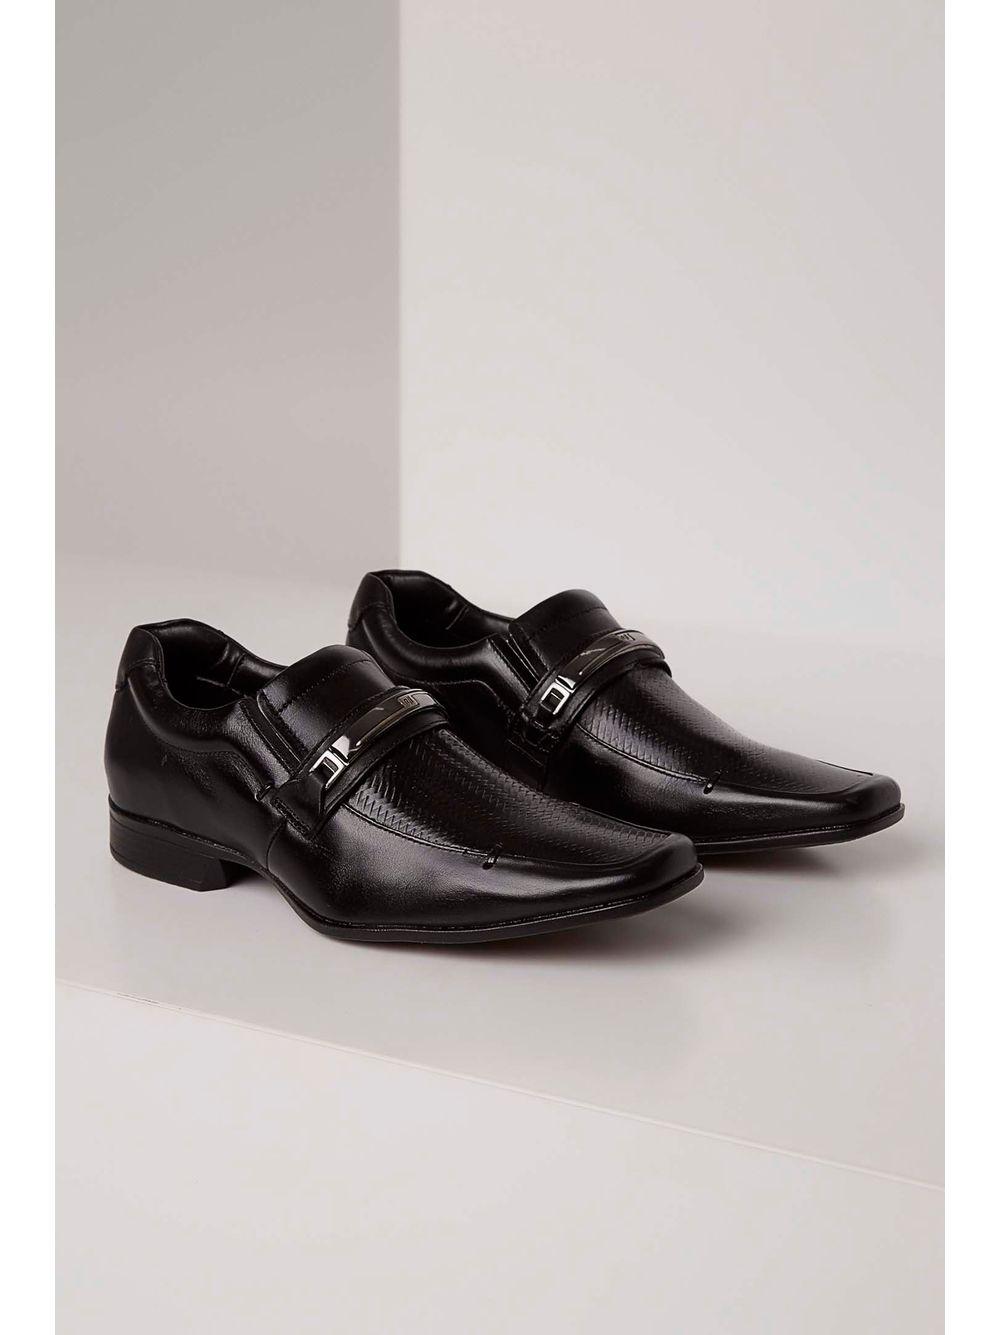 81e0cd4148 Sapato Social Rafarillo Couro Texturizado Preto - pittol